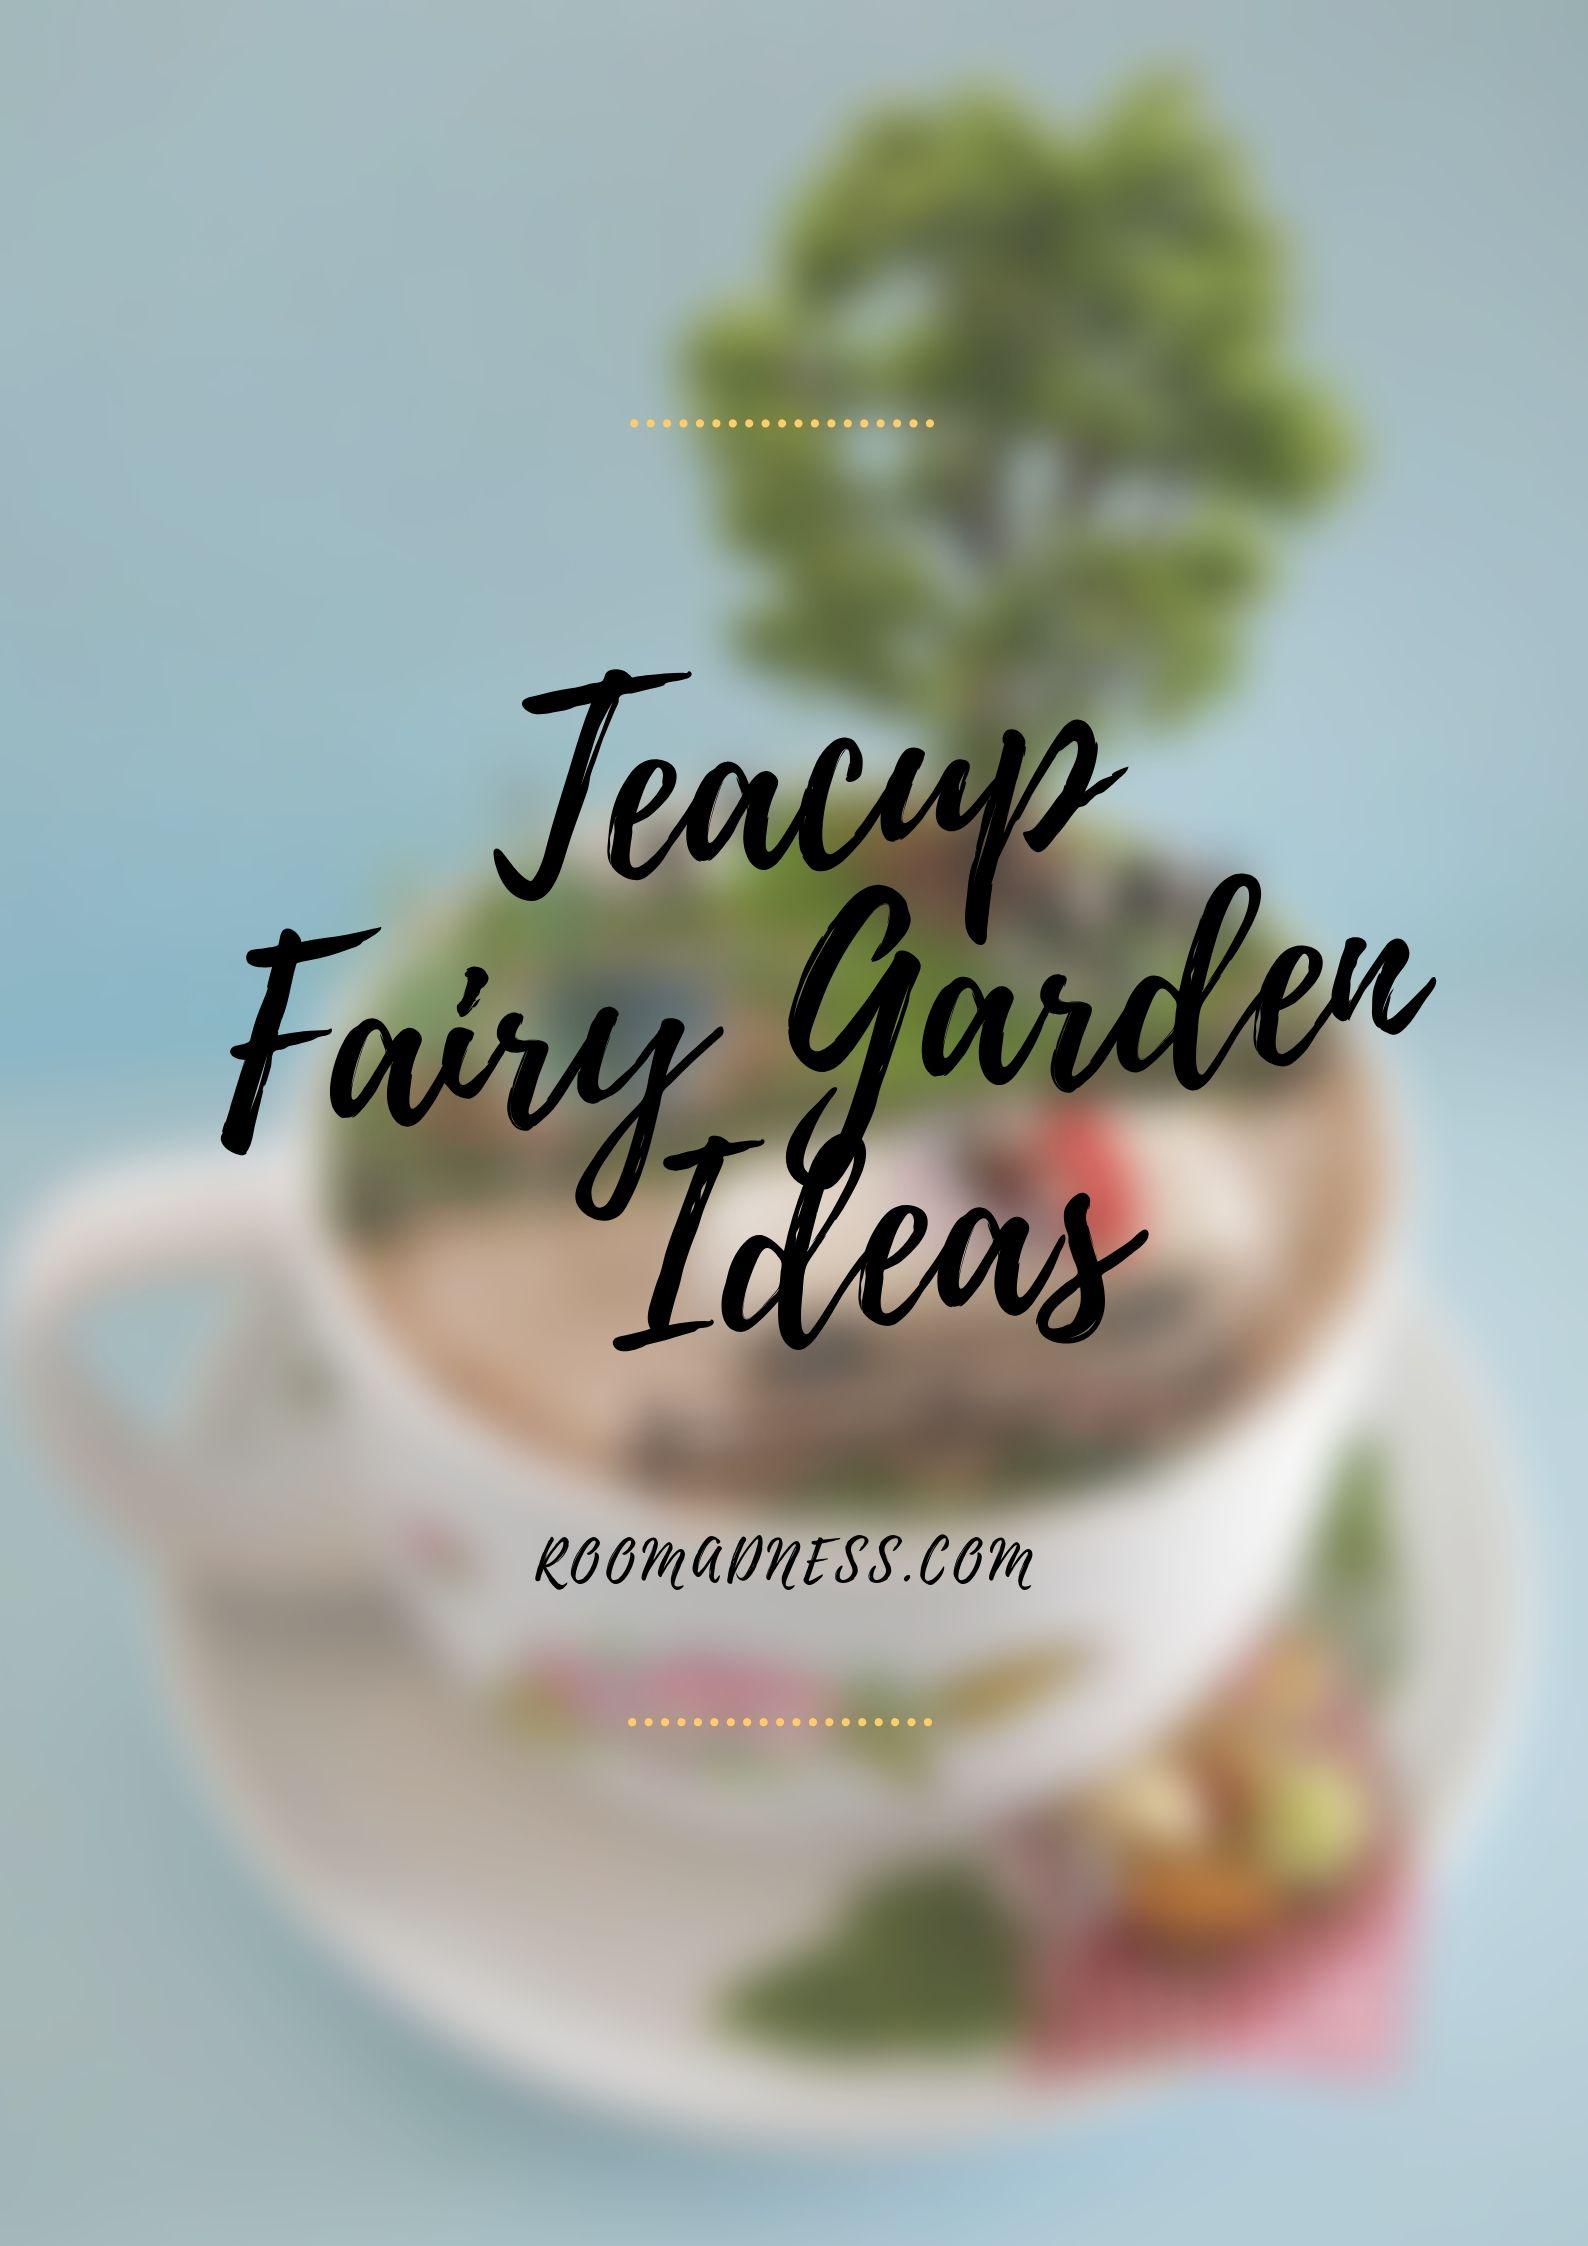 Teacup fairy garden ideas